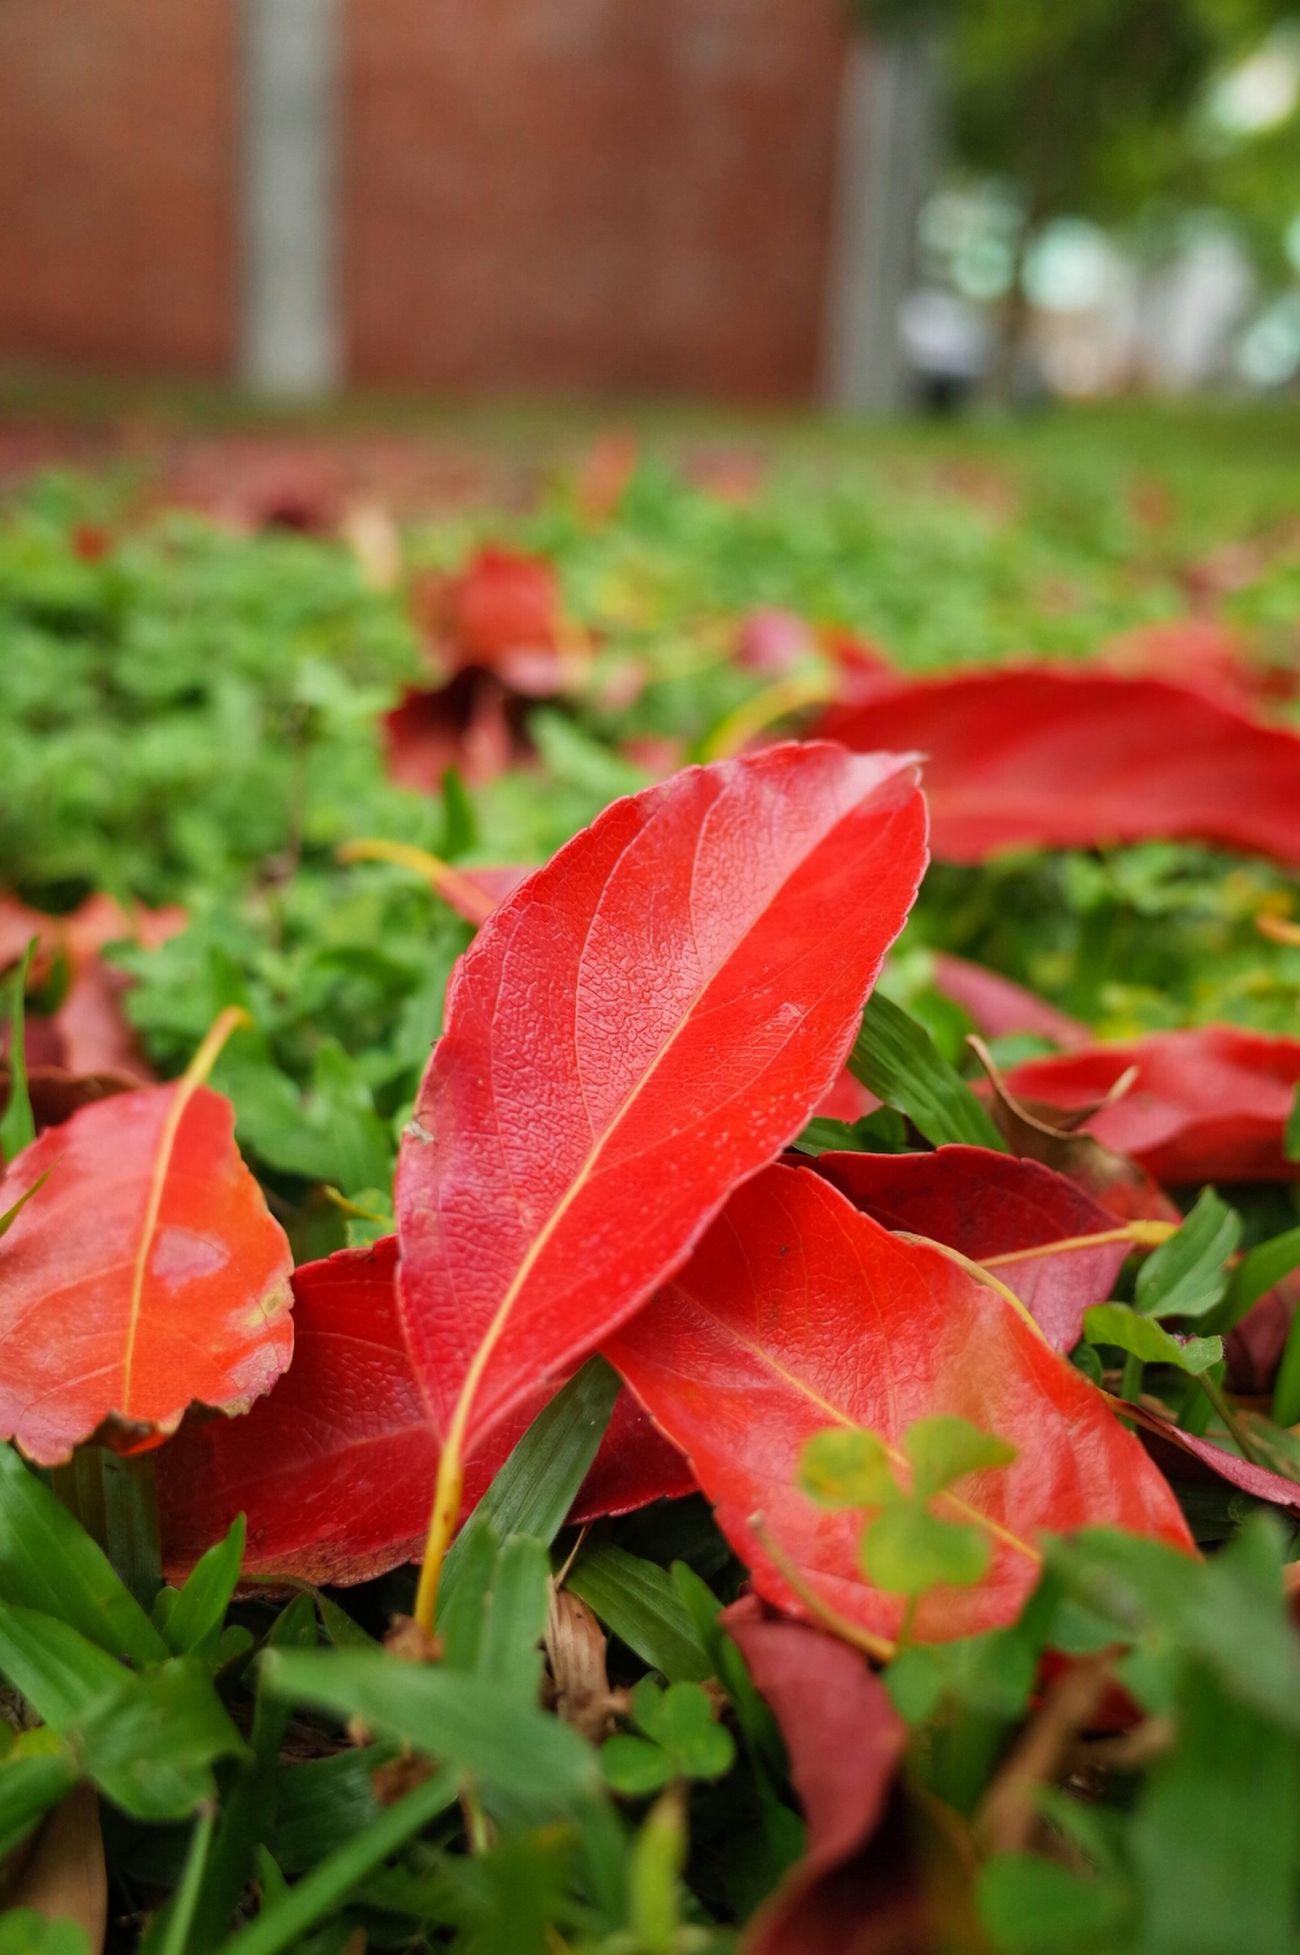 春天的紅葉 Fallen Leaves Red Leaves Spring Leaves Trees